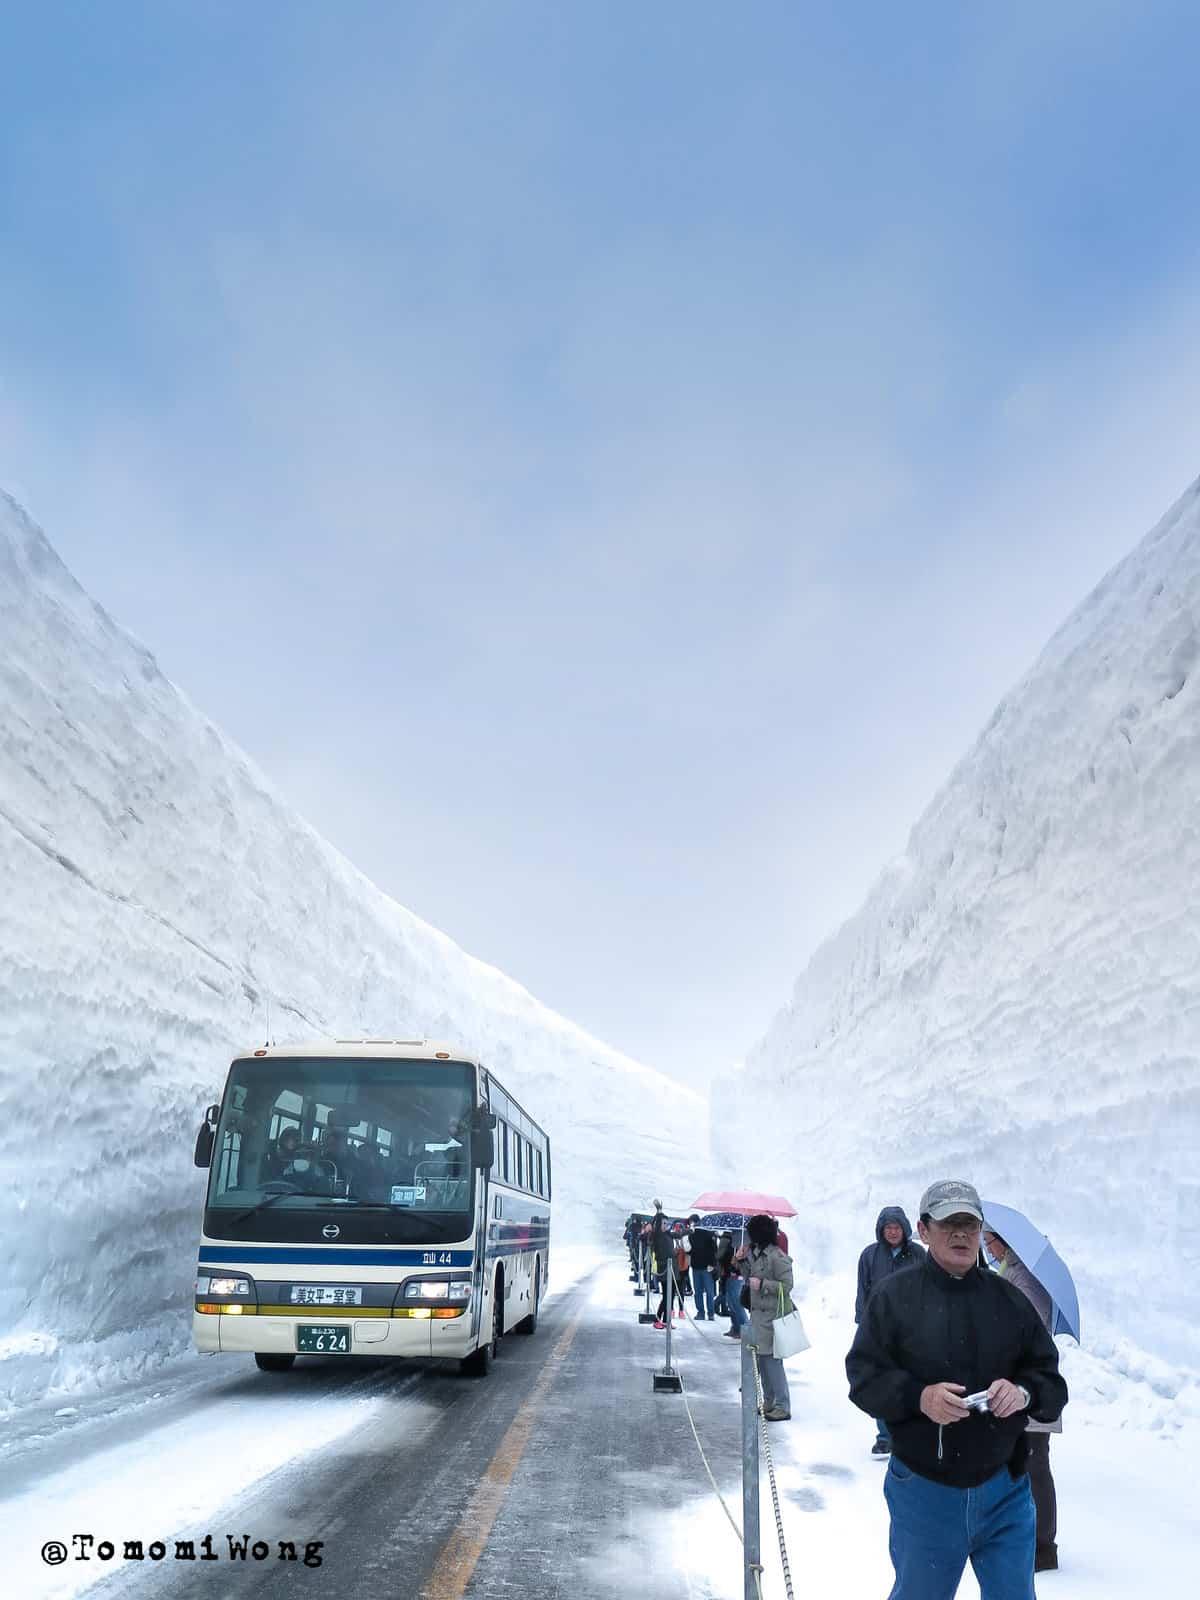 這次 PB 剛好有富山市區的飯店,可以搭配四月開山的黑部立山行程。立山雪の大谷 by Tomomi Wong (CC-BY)